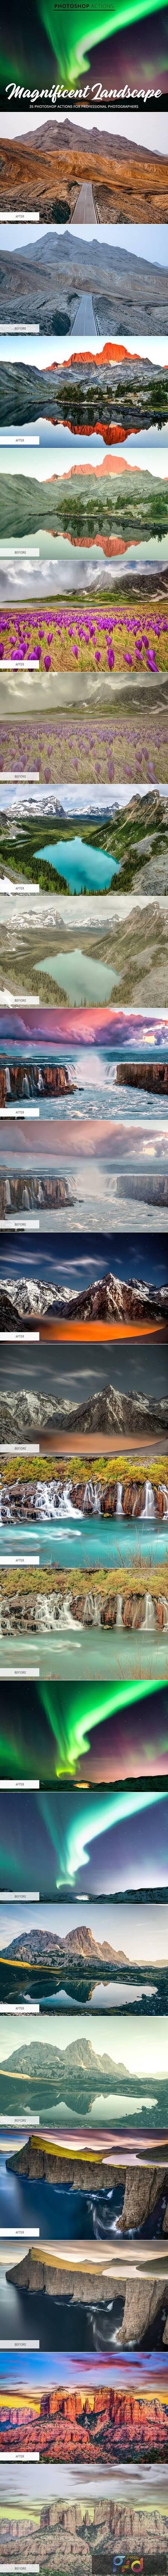 Magnificent Landscape Actions 4842999 1